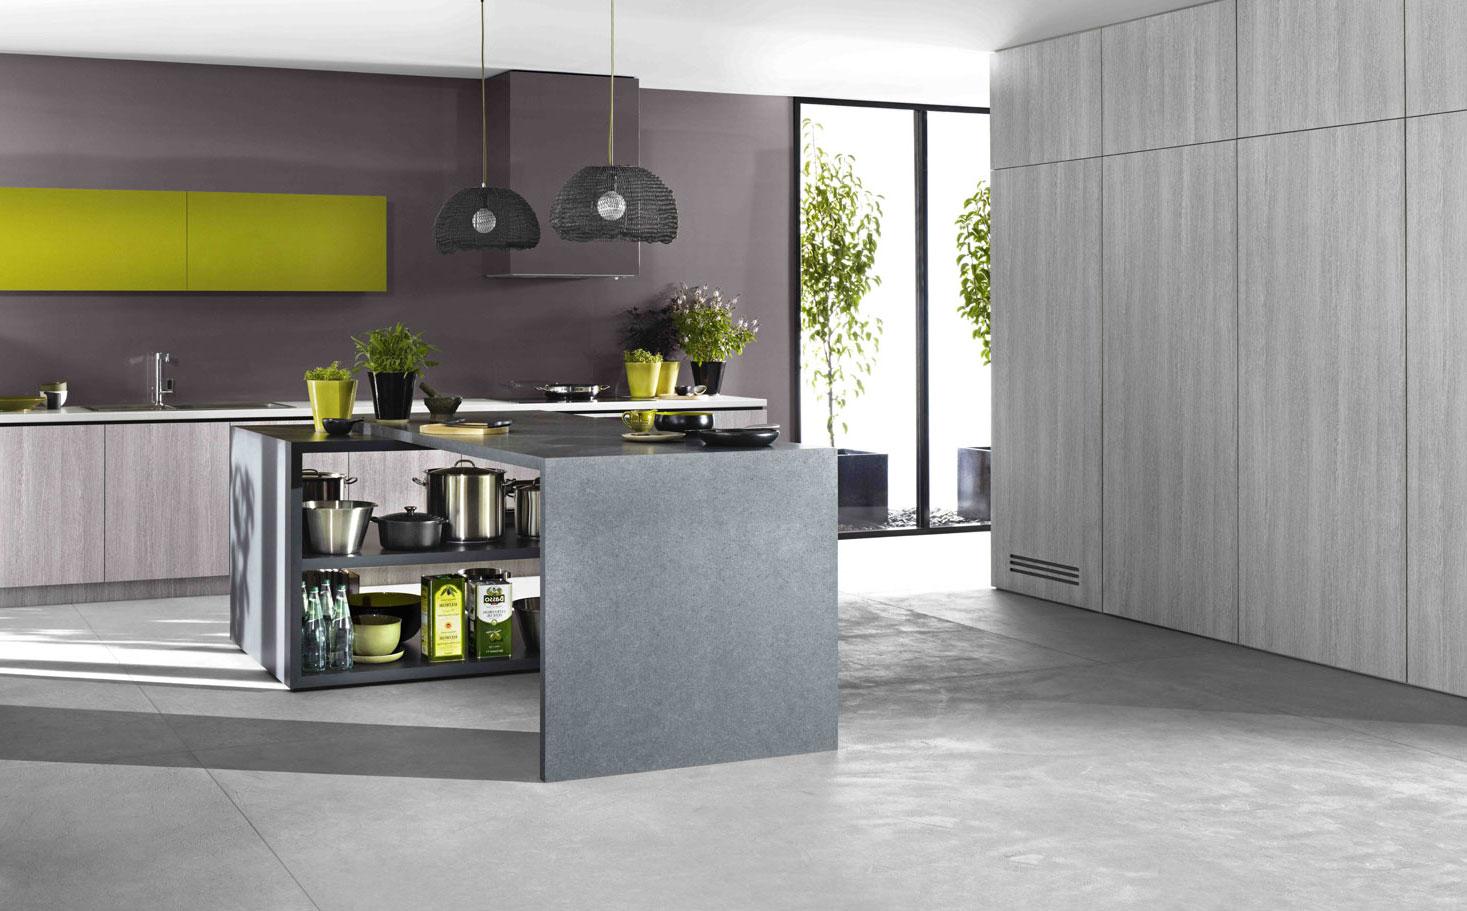 Betonvloer betonlook woonkamer keuken thomas gaspersz